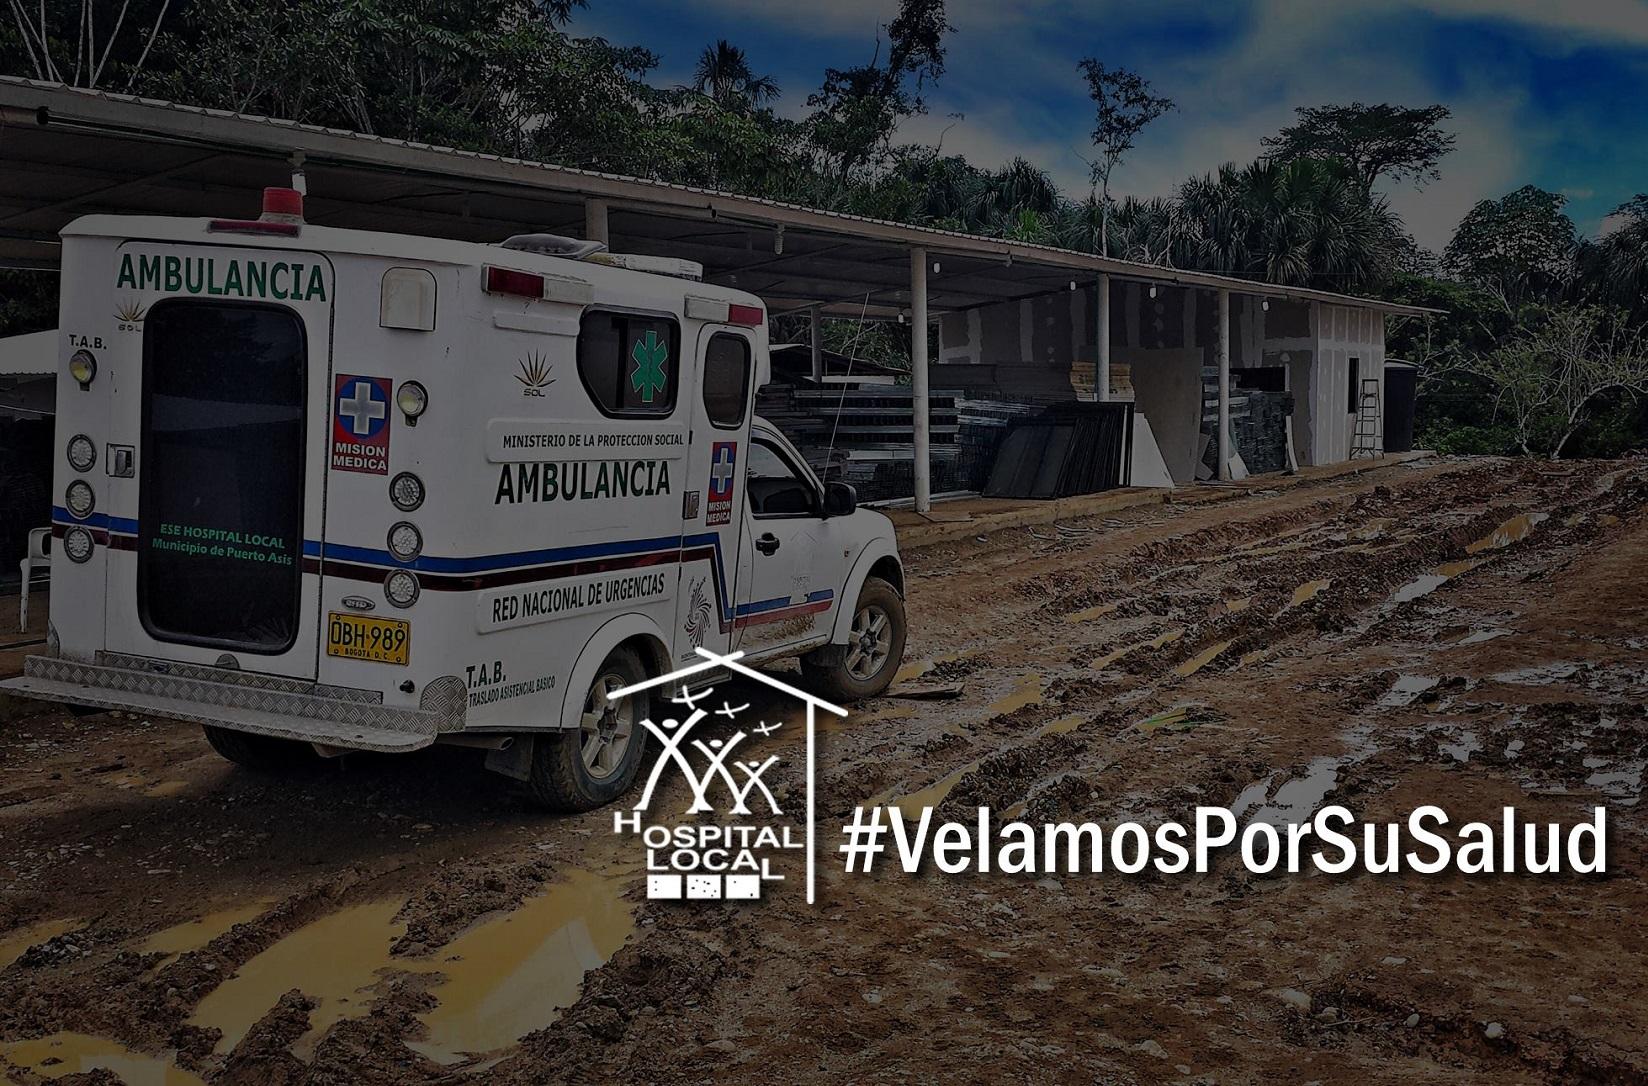 Ambulancia - Urgencias